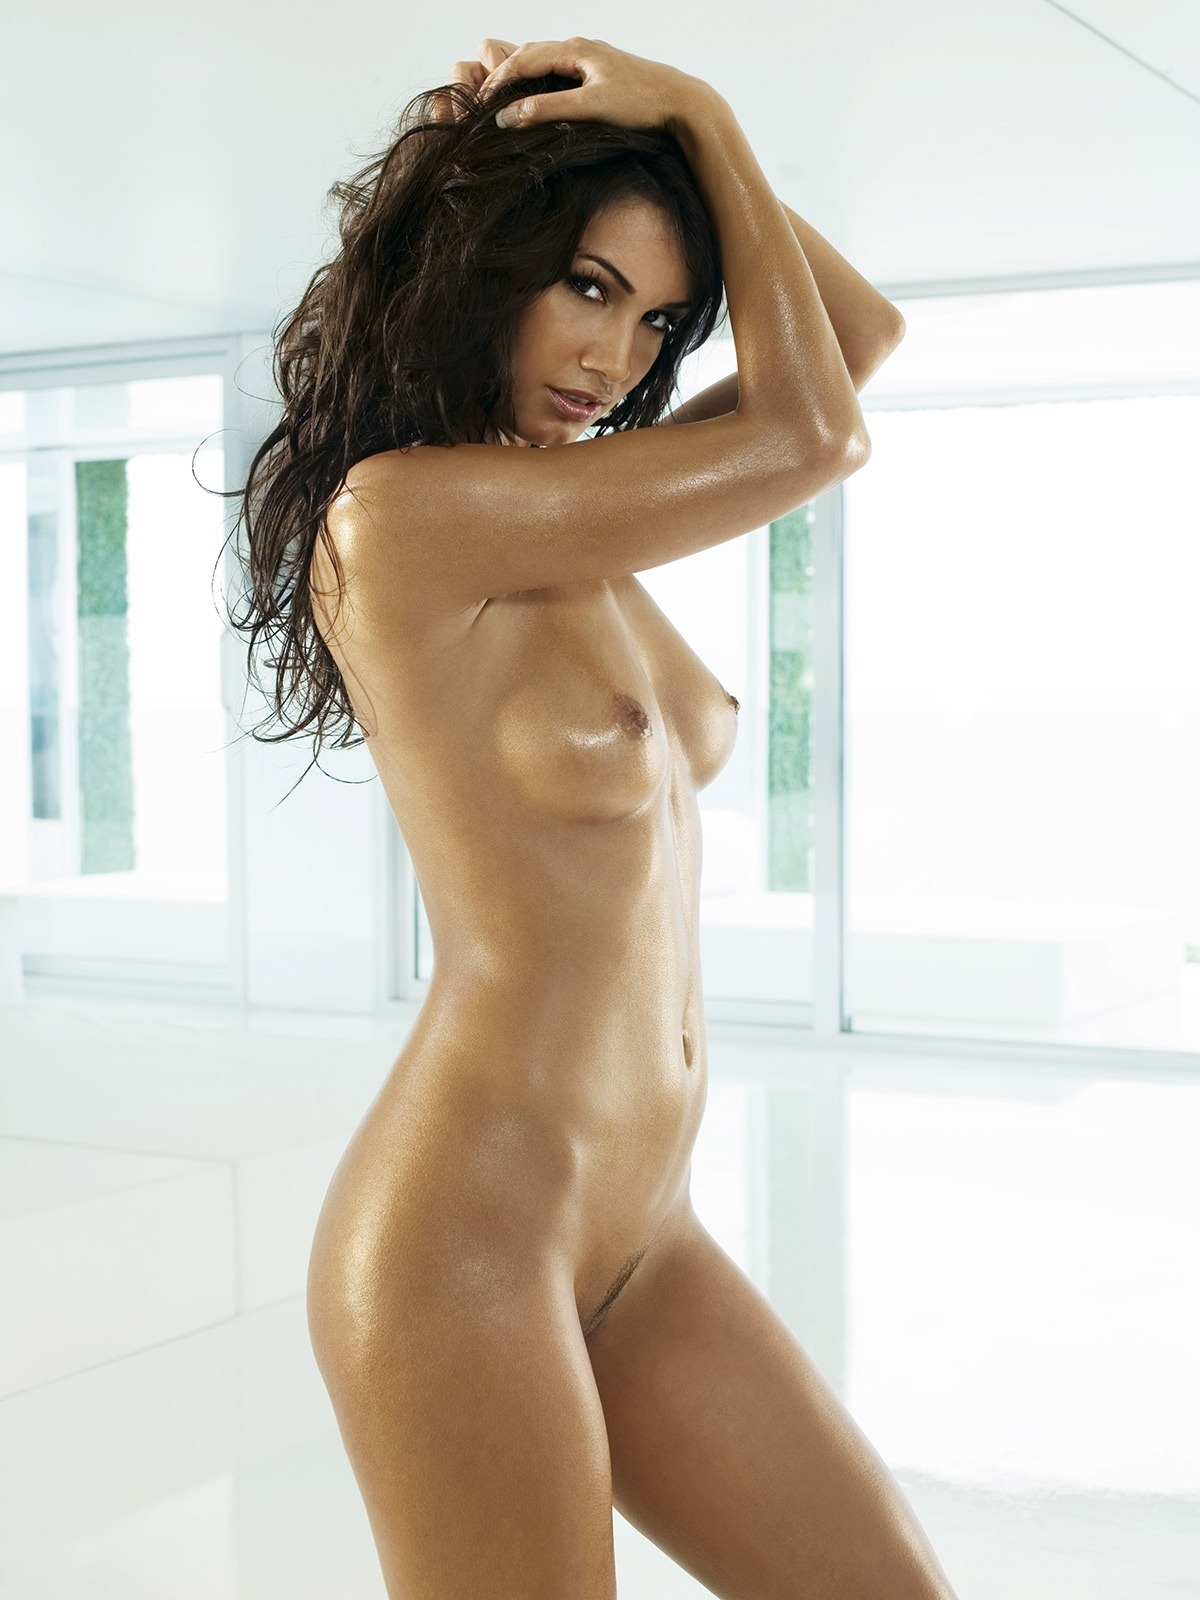 Jessica Micari